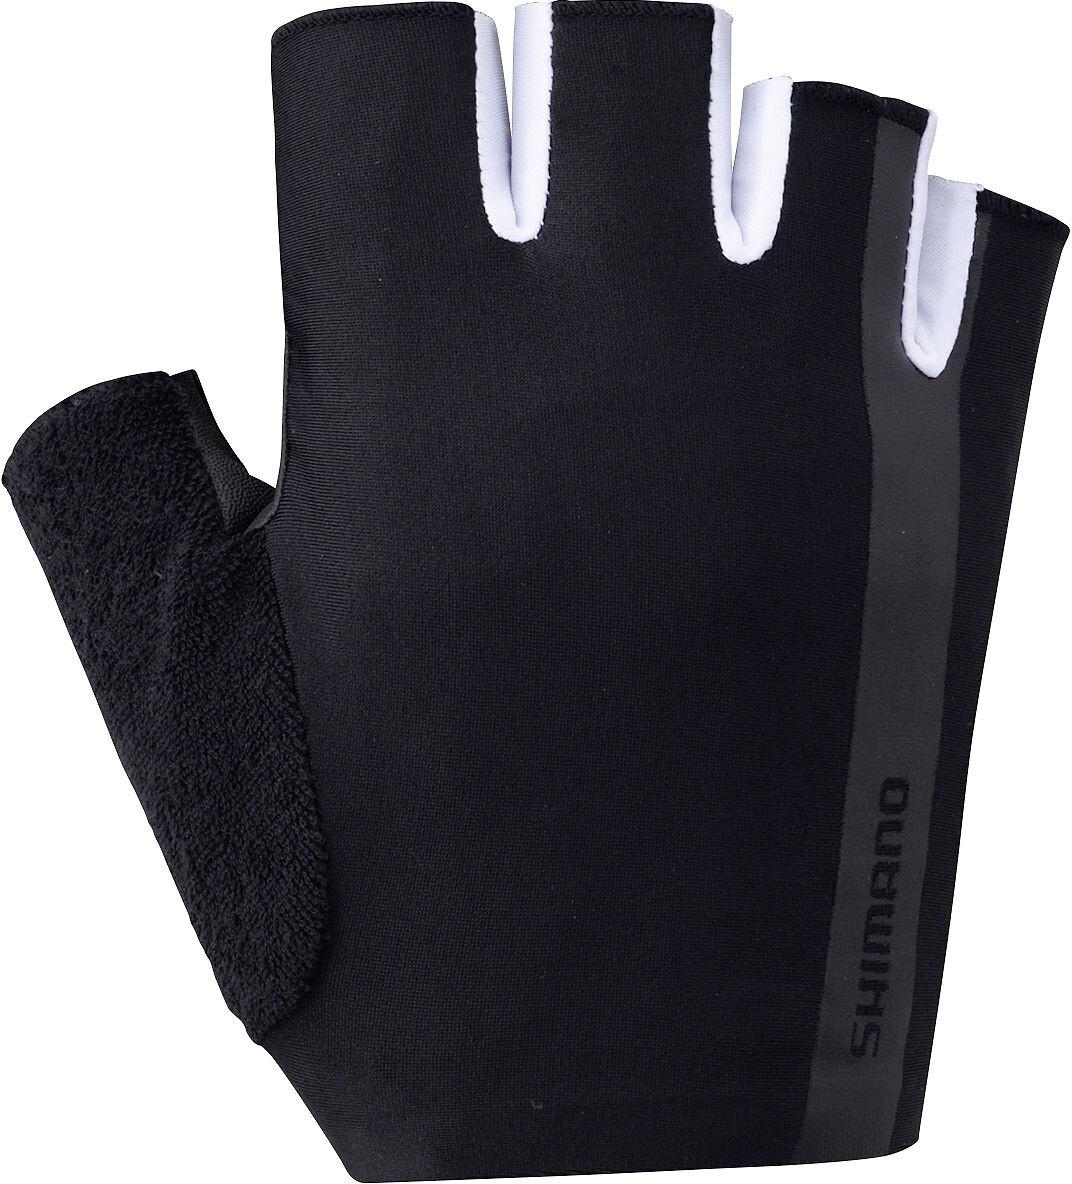 Shimano Value Cykelhandsker, black (2019)   Gloves